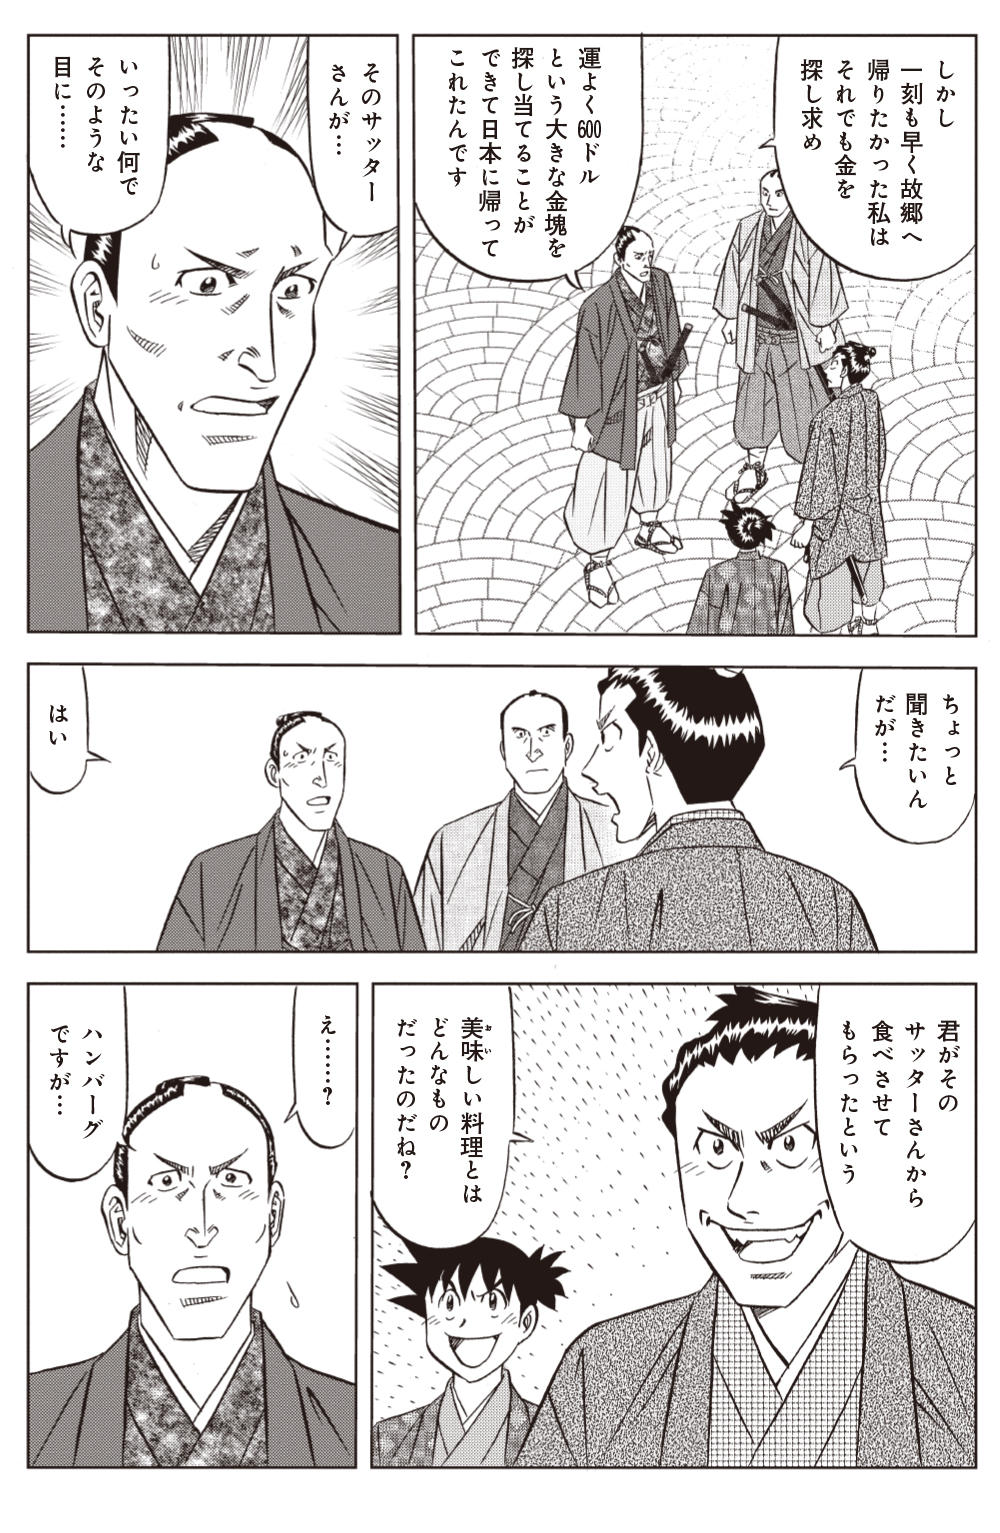 ミスター味っ子 幕末編 第3話「黄金大陸」①ajikko01-88.jpg